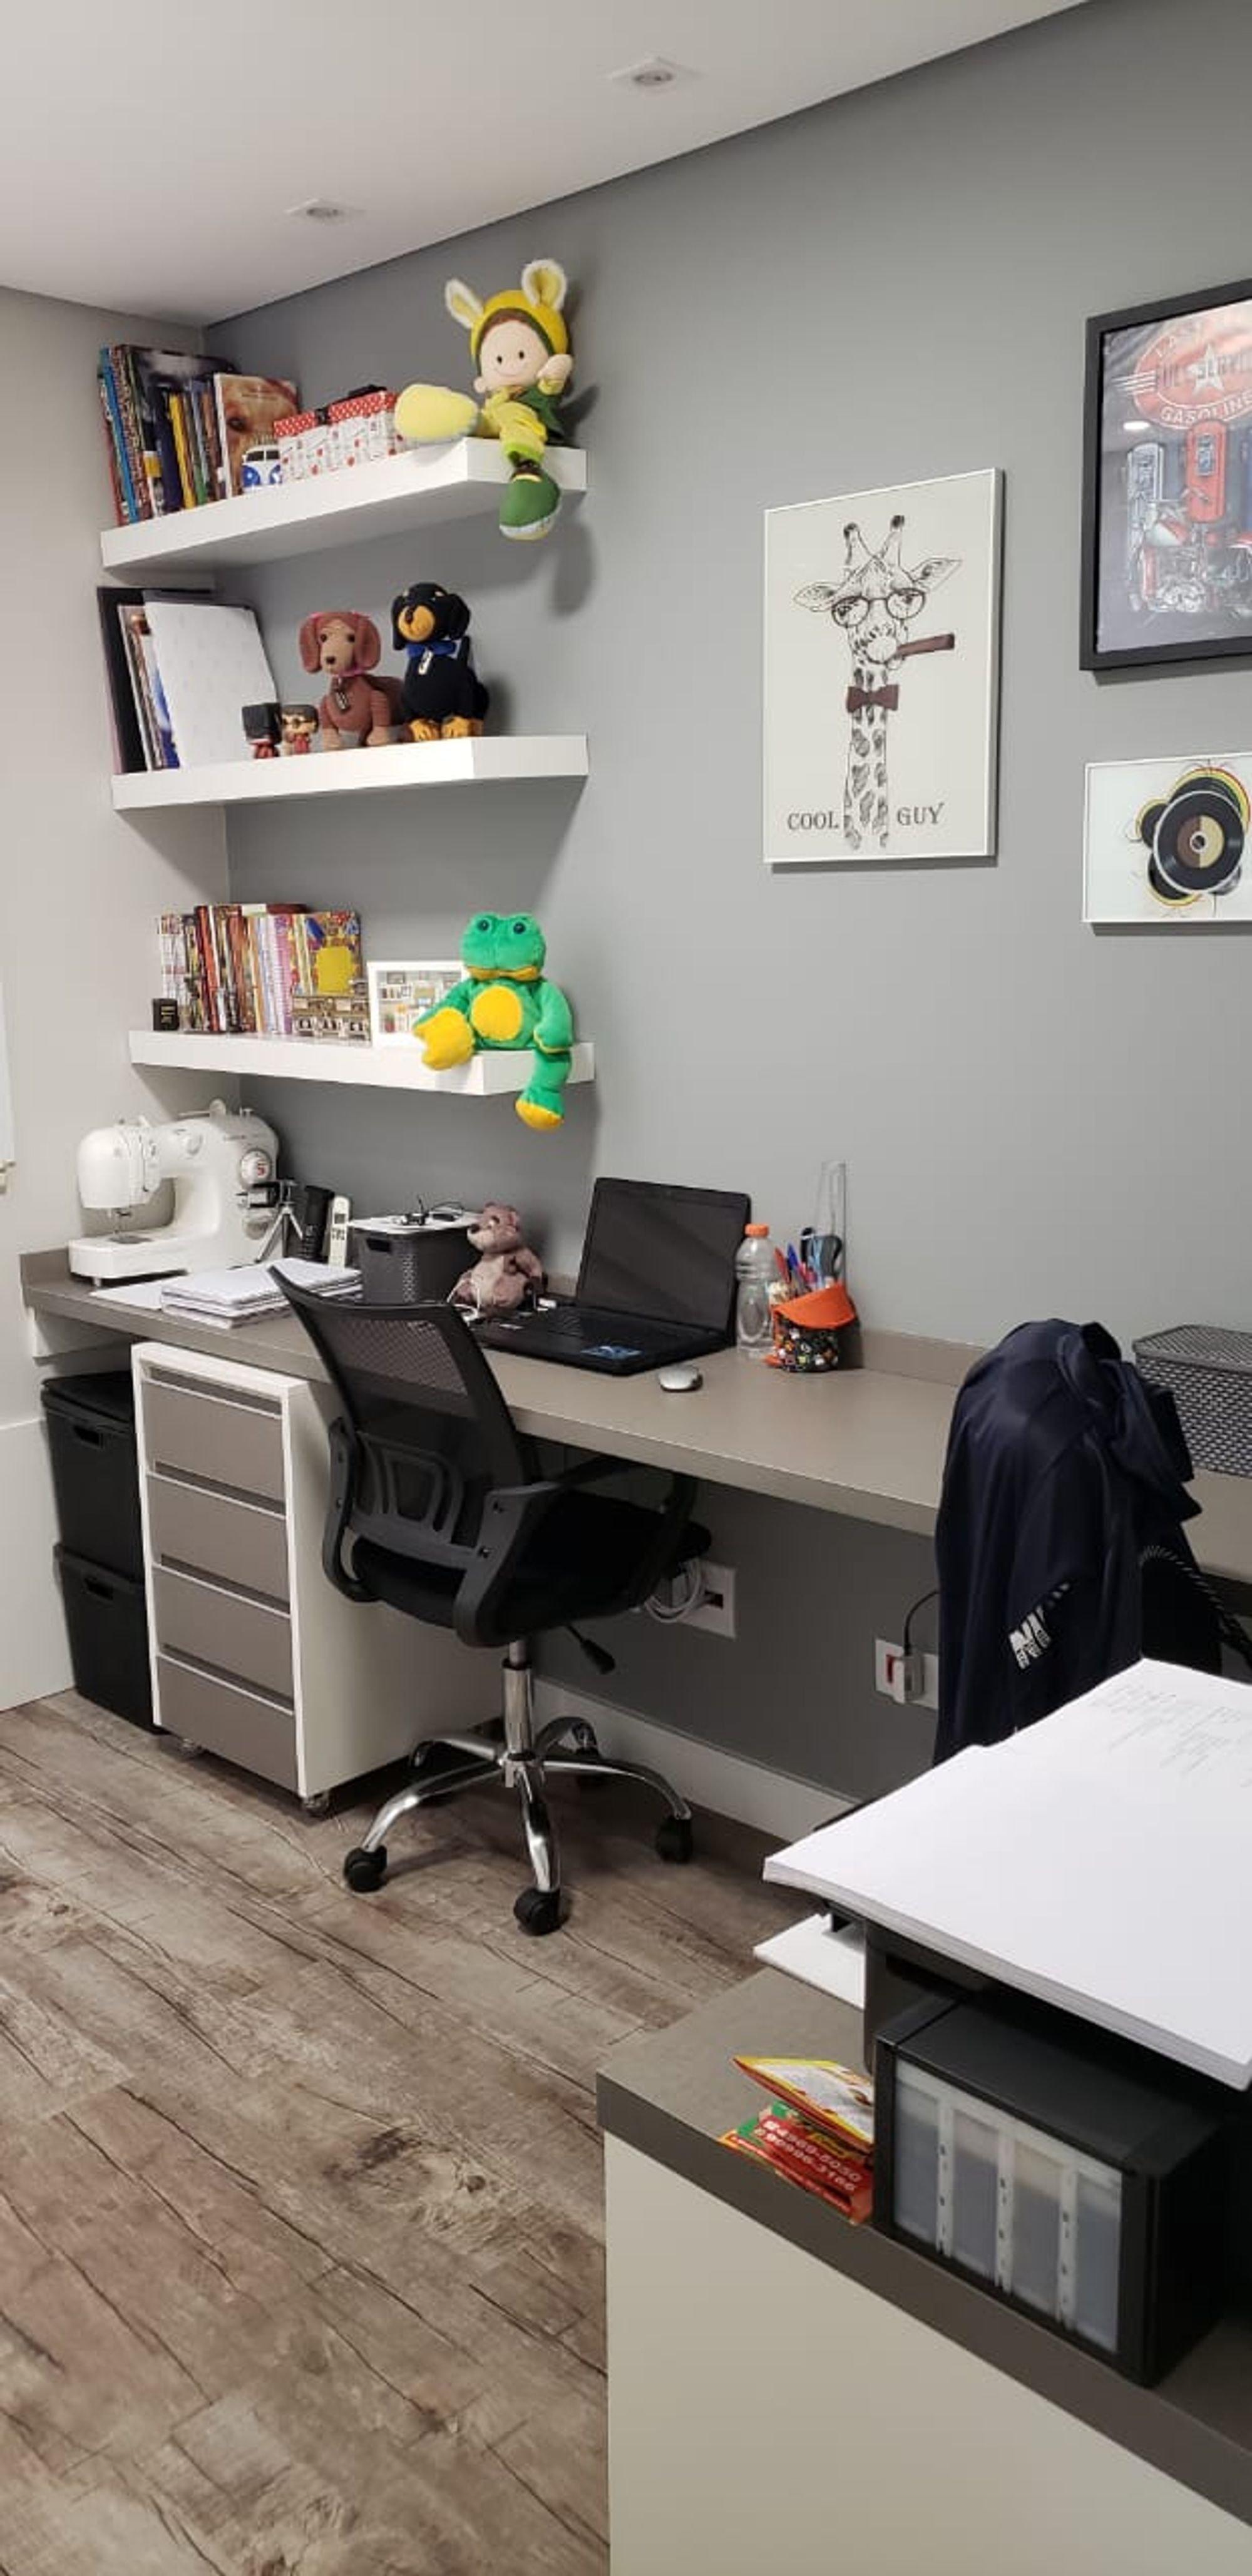 Foto de Quarto com computador portátil, cadeira, livro